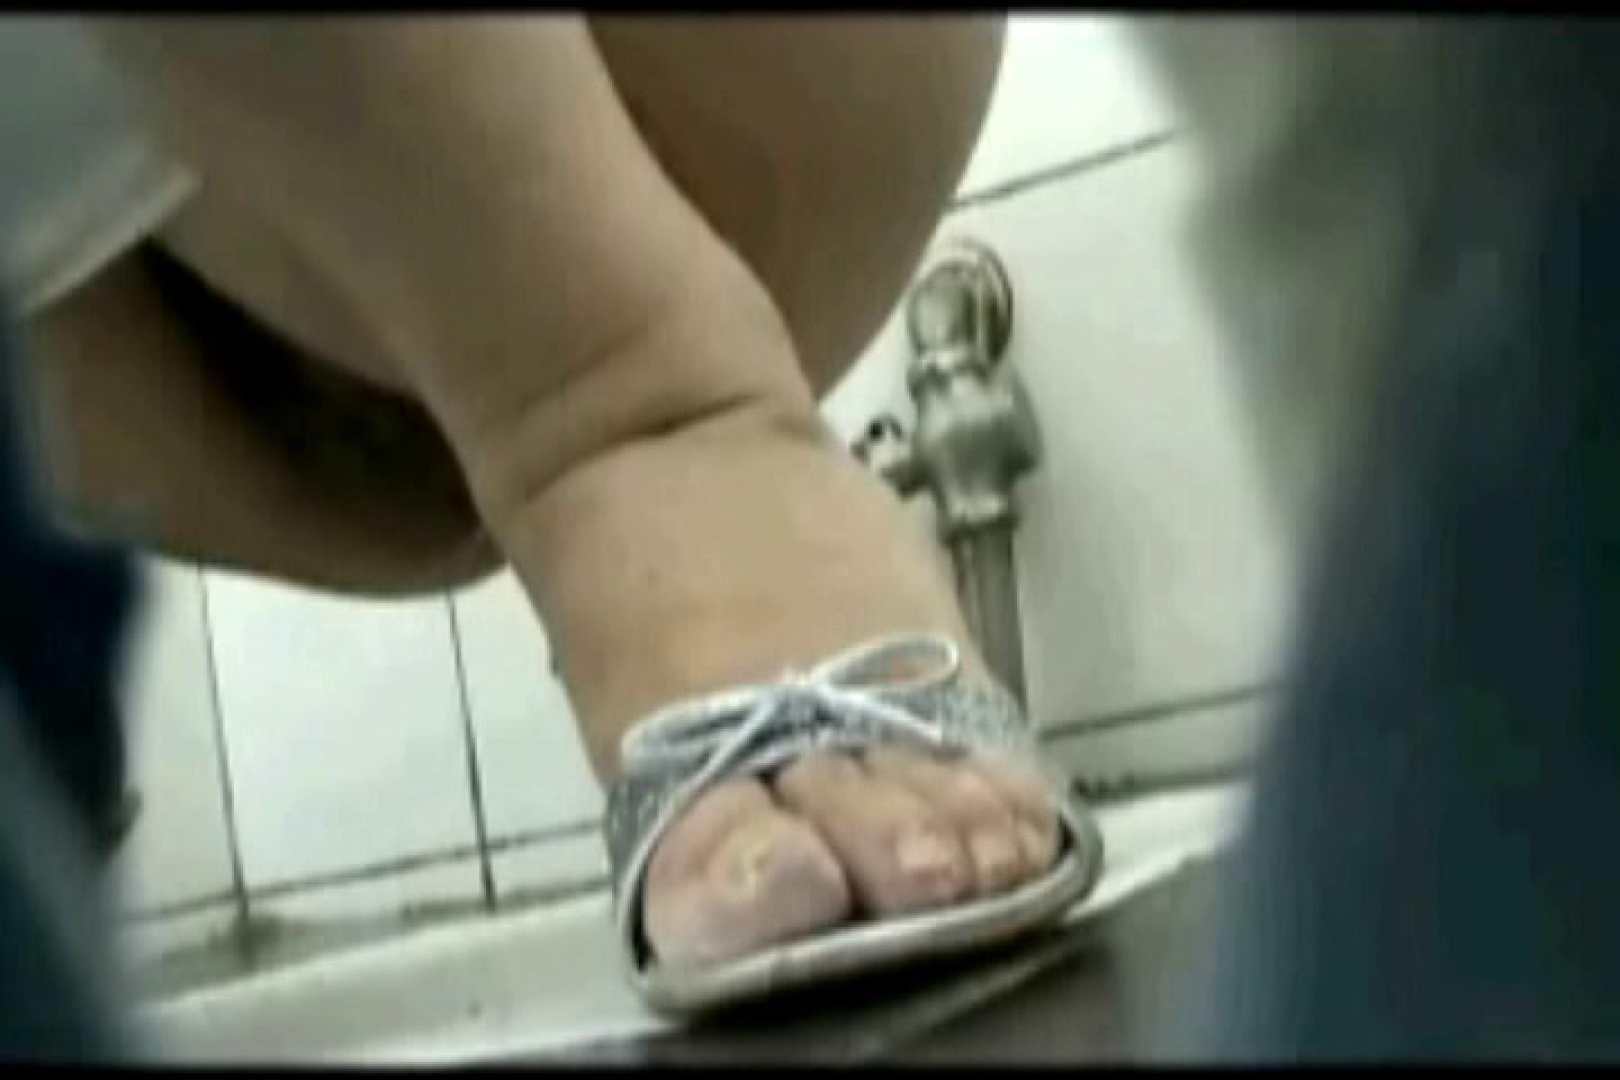 ぼっとん洗面所スペシャルVol.15 おまんこ無修正 隠し撮りおまんこ動画流出 60pic 39